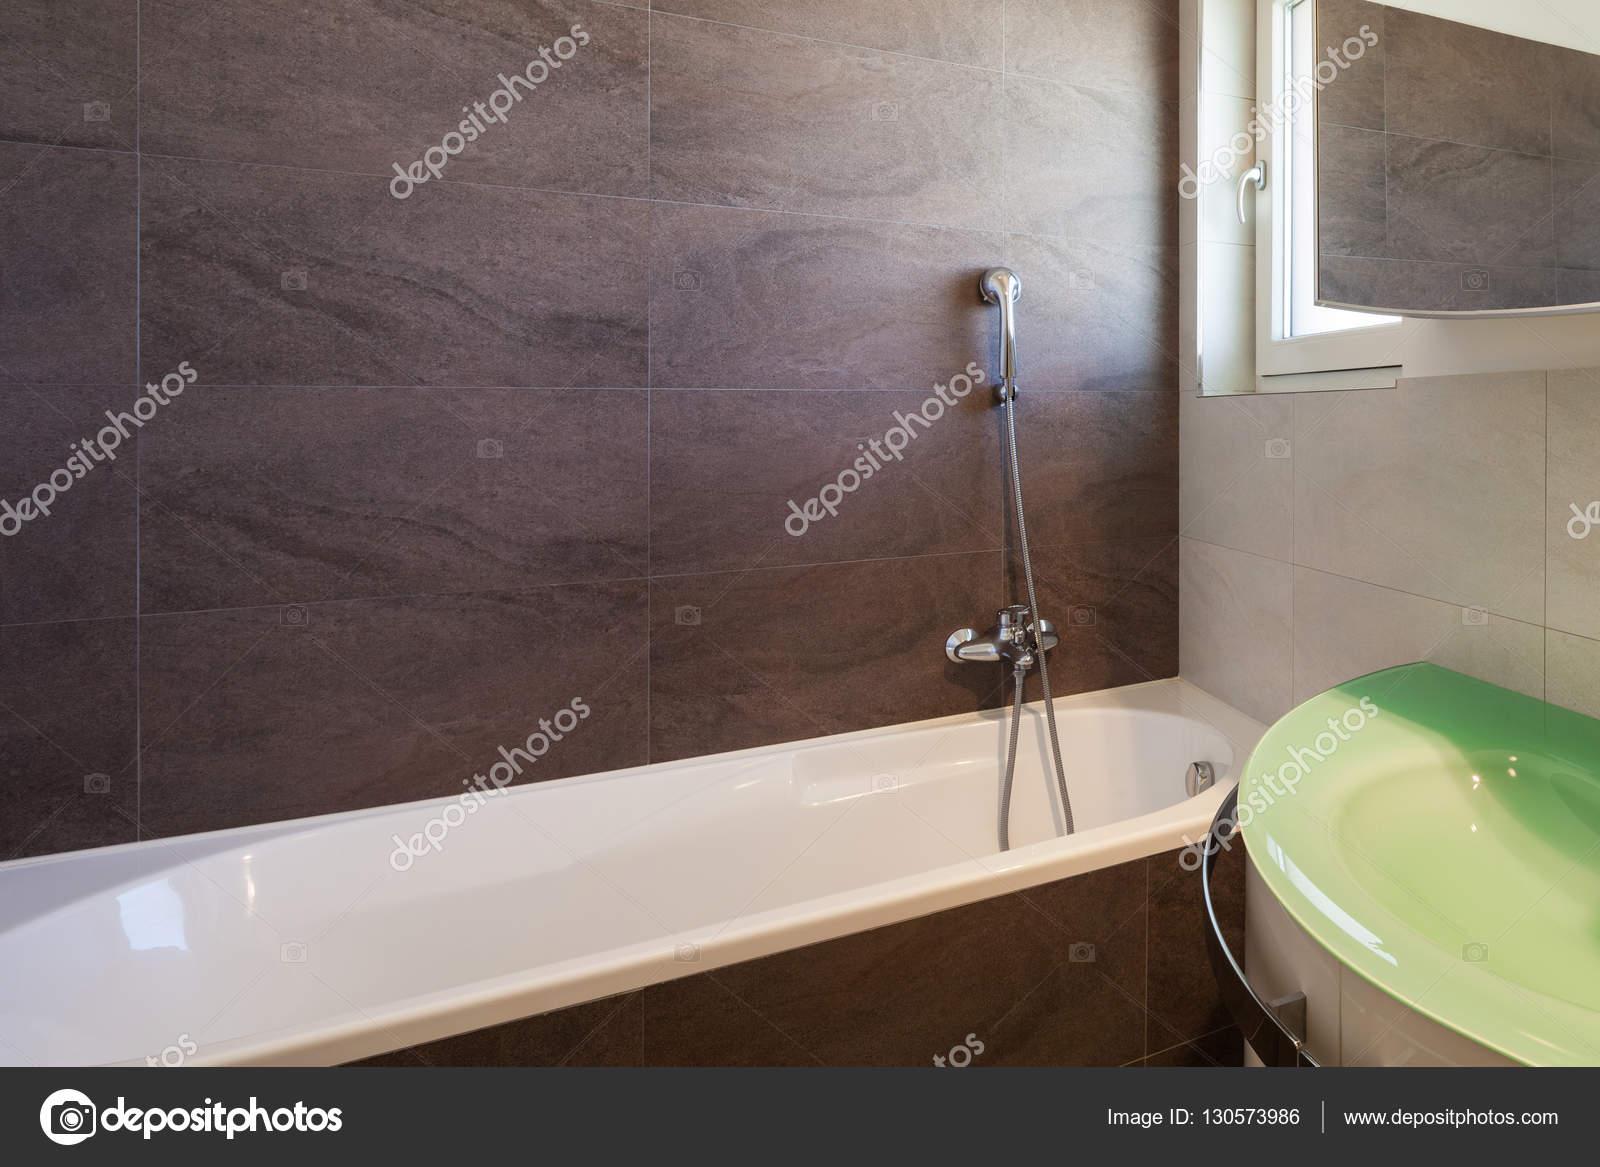 Badkamer interieur nterior met betegelde wanden — Stockfoto ...